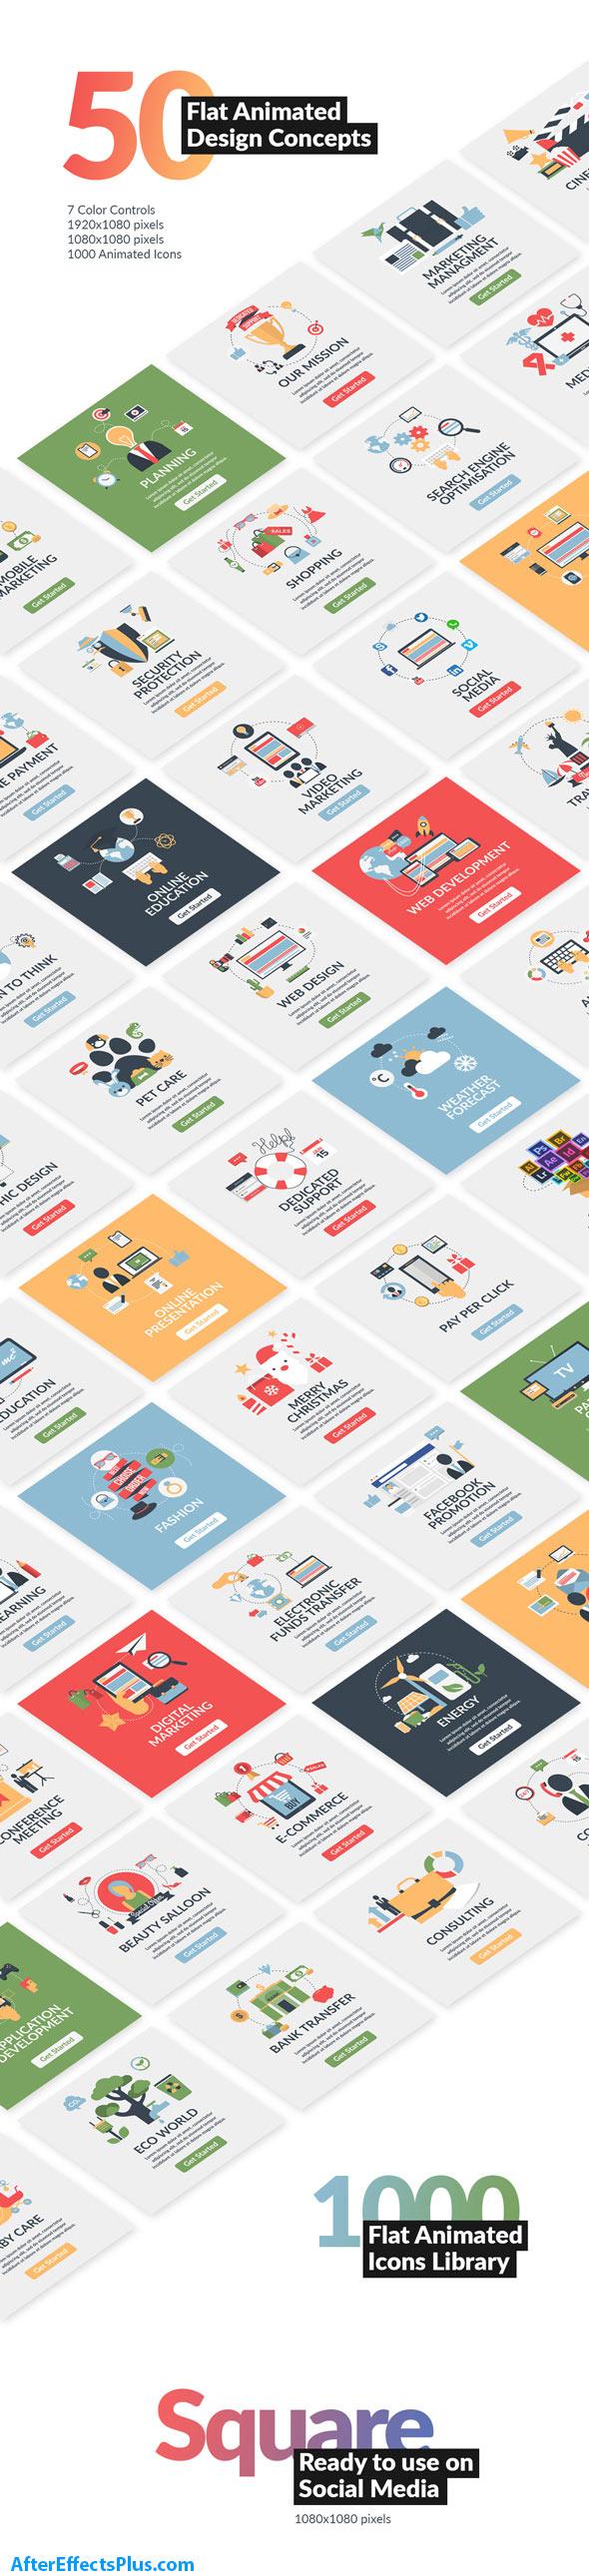 پروژه افتر افکت طرح های مفهومی فلت برای موشن گرافیک - Flat Animated Design Concepts